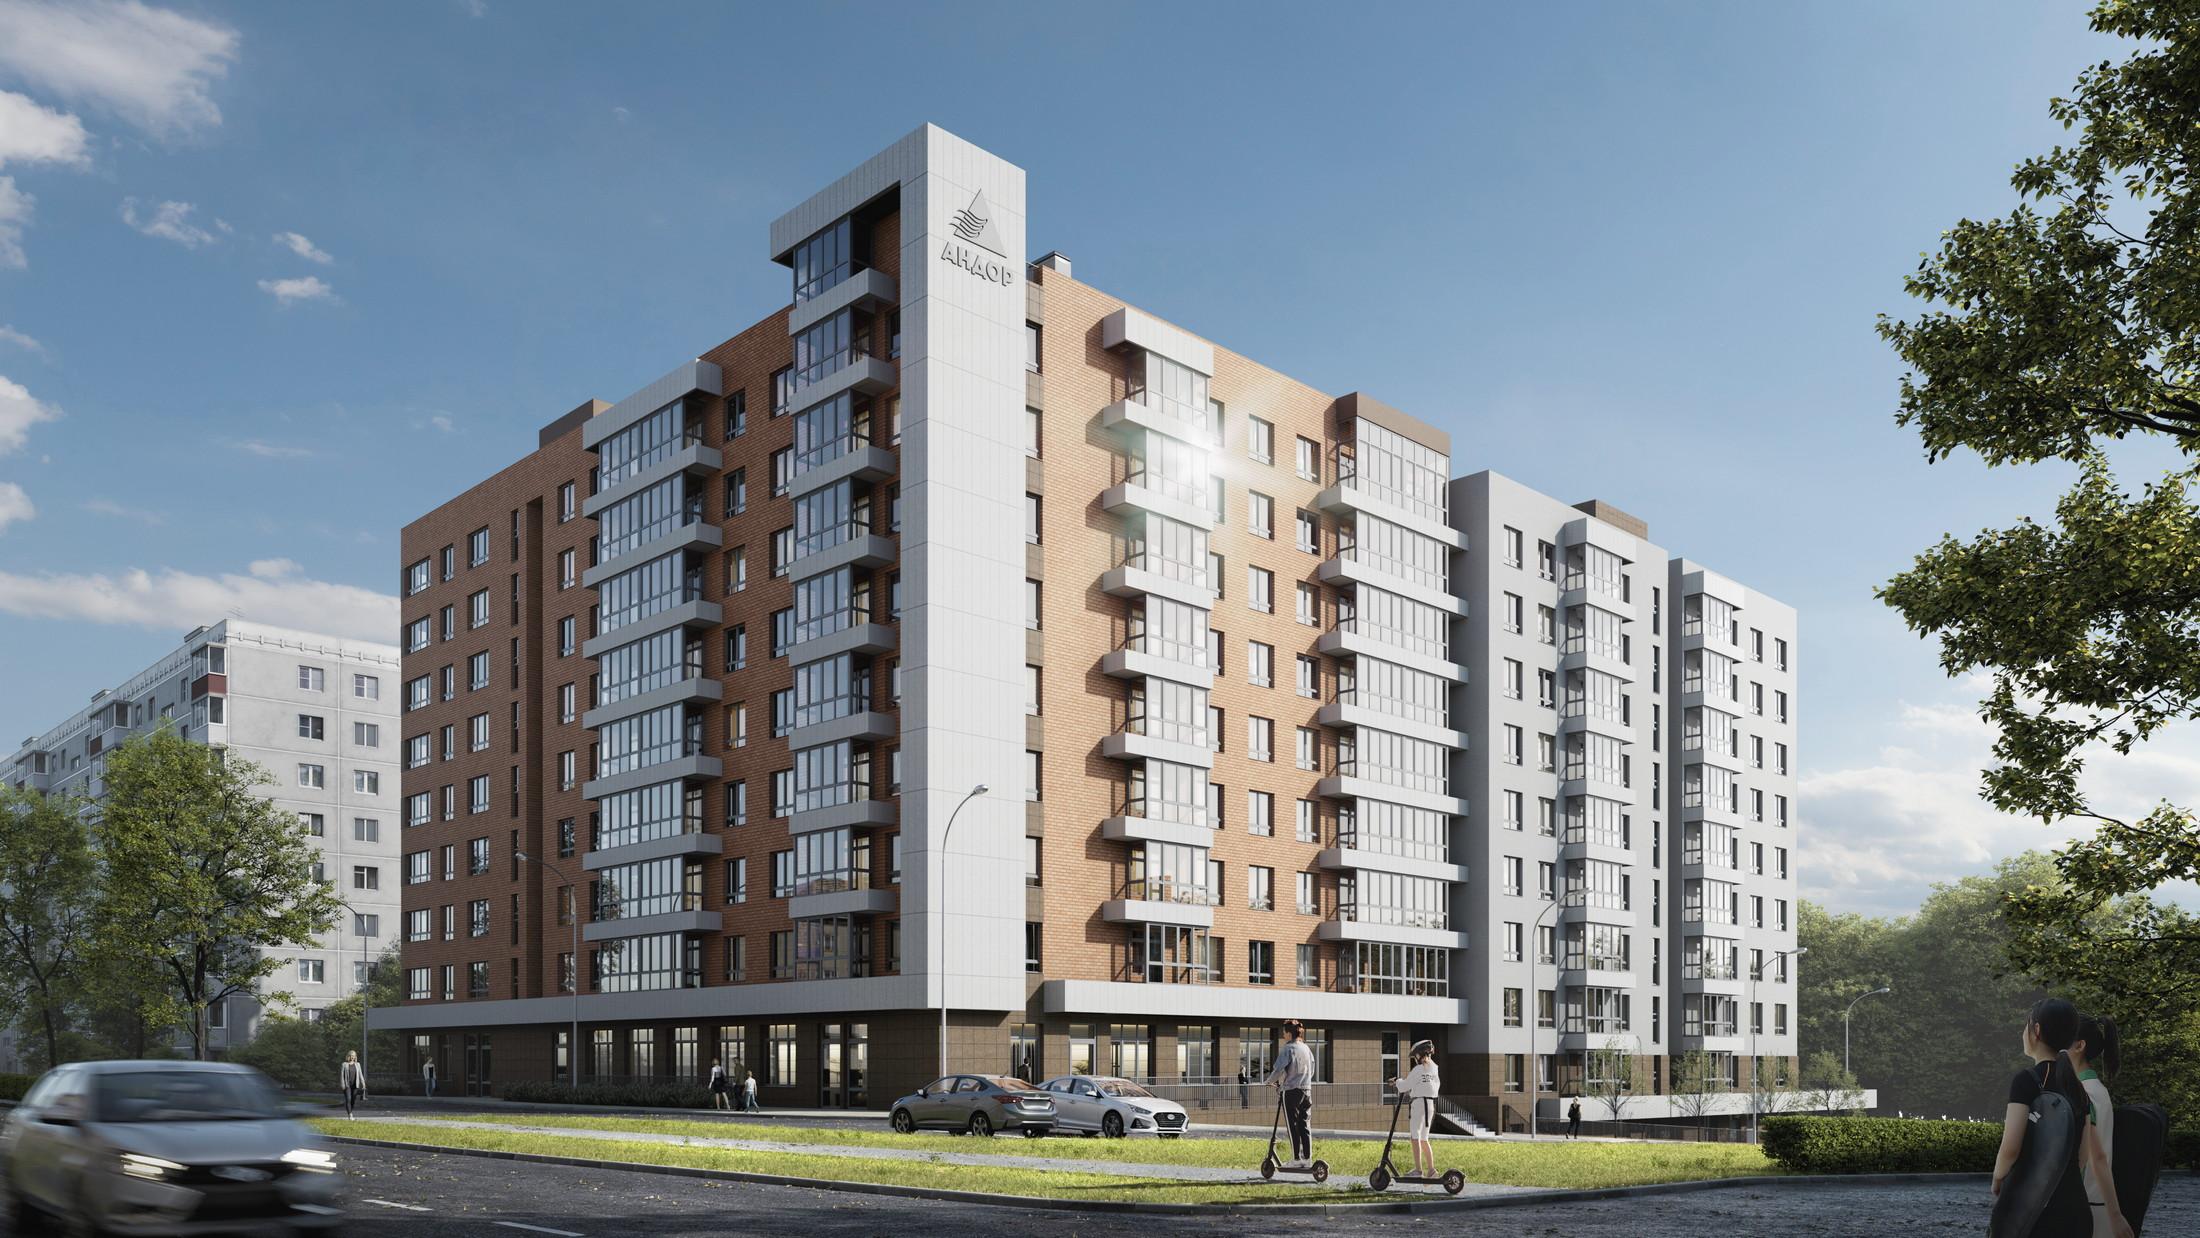 ТОП-5 новостроек бизнес-класса в Нижнем Новгороде с самыми доступными квартирами - фото 1